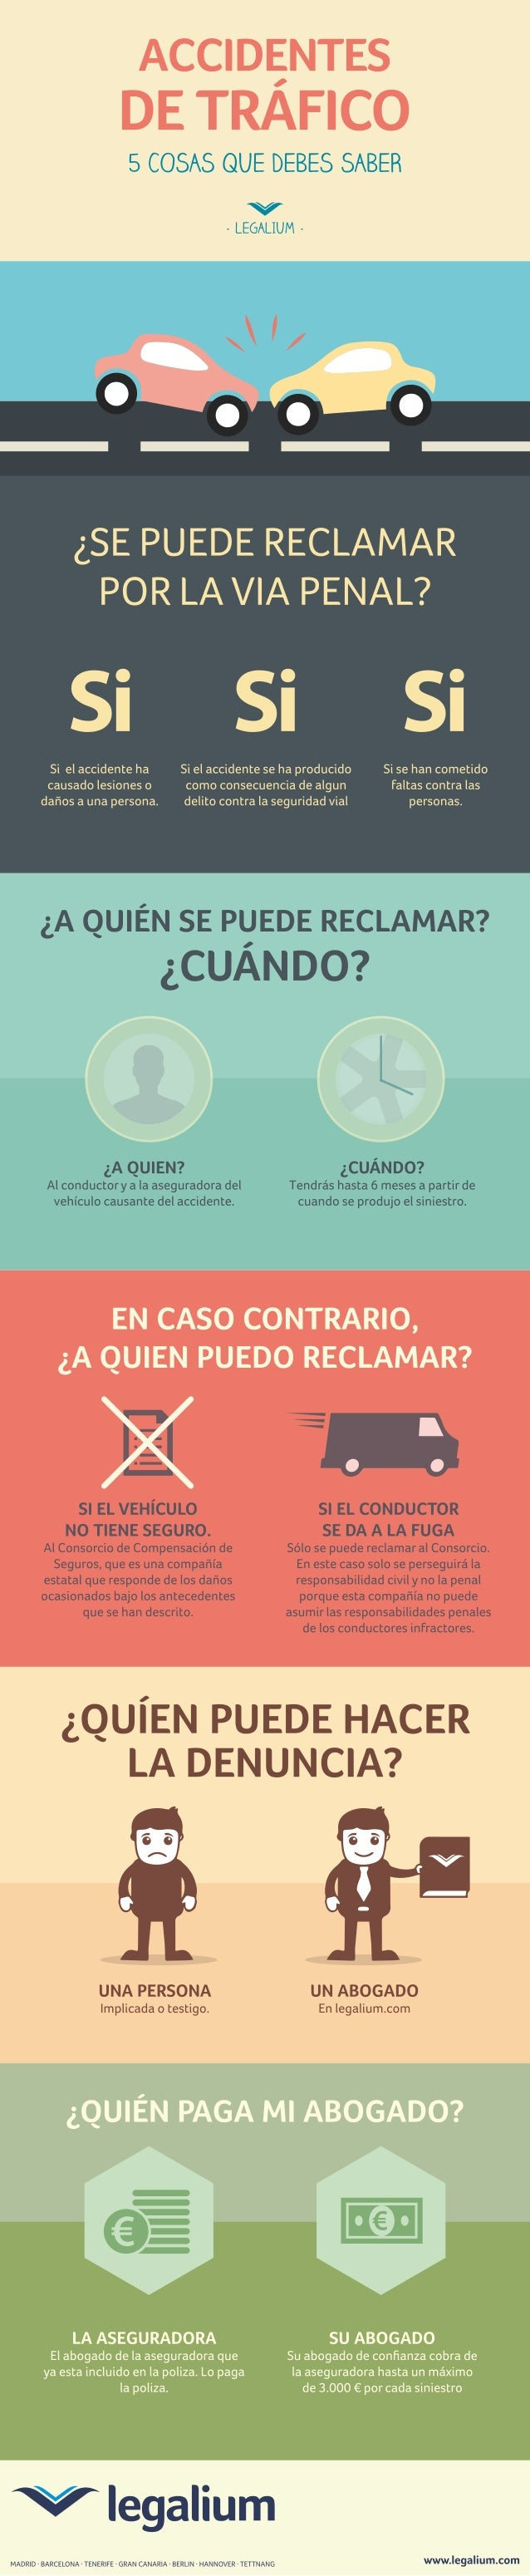 Infografía: Accidentes de Tráfico